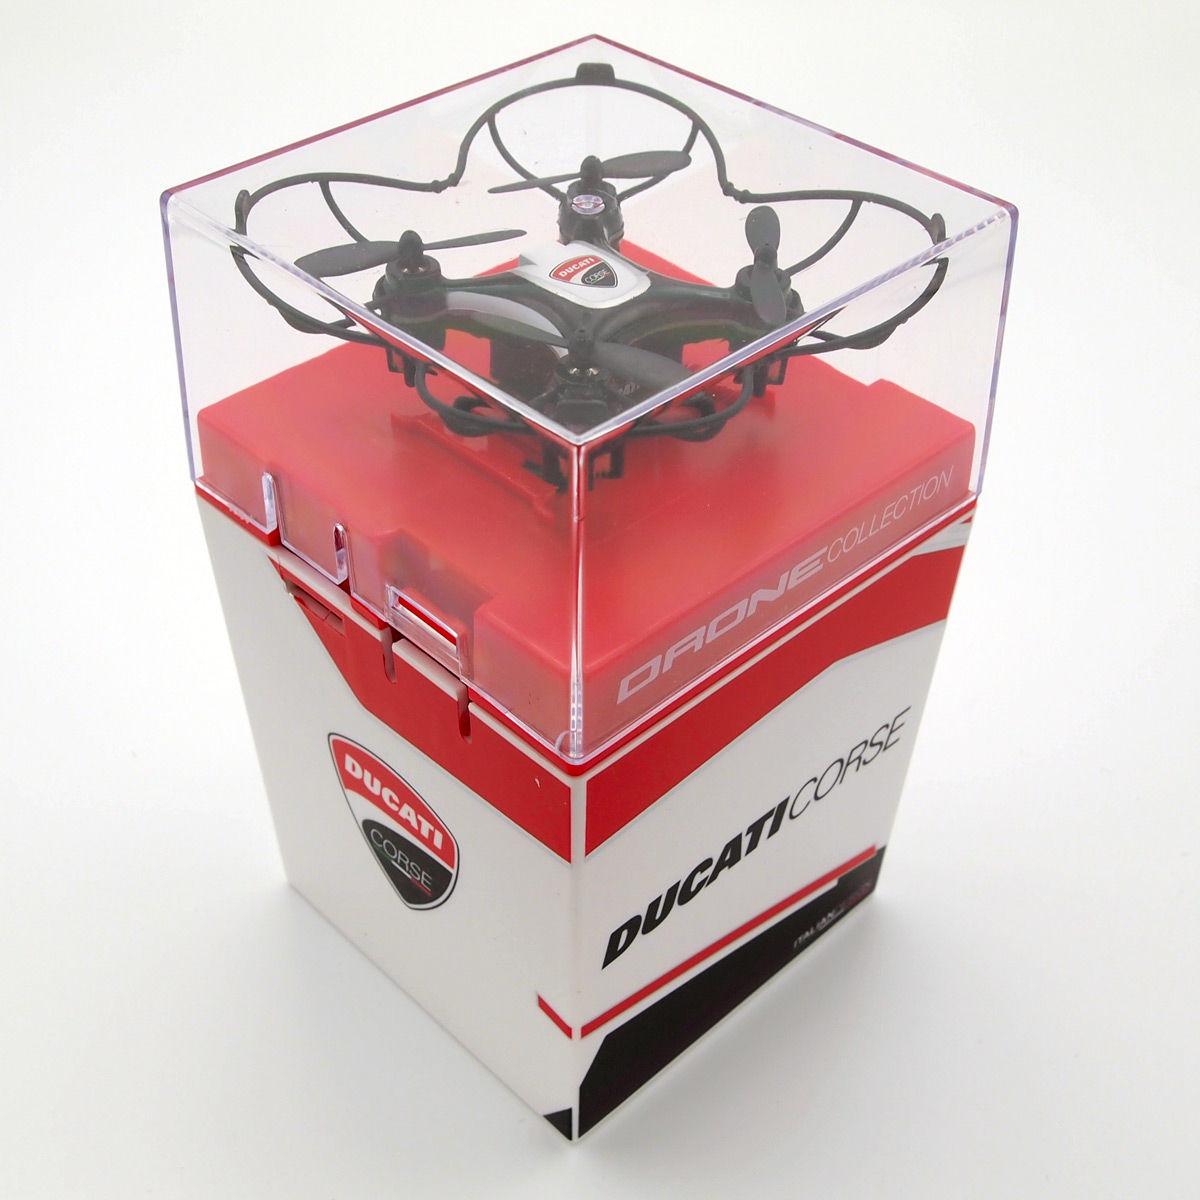 Dromocopter Ducati corse 4 drone nero dc 1